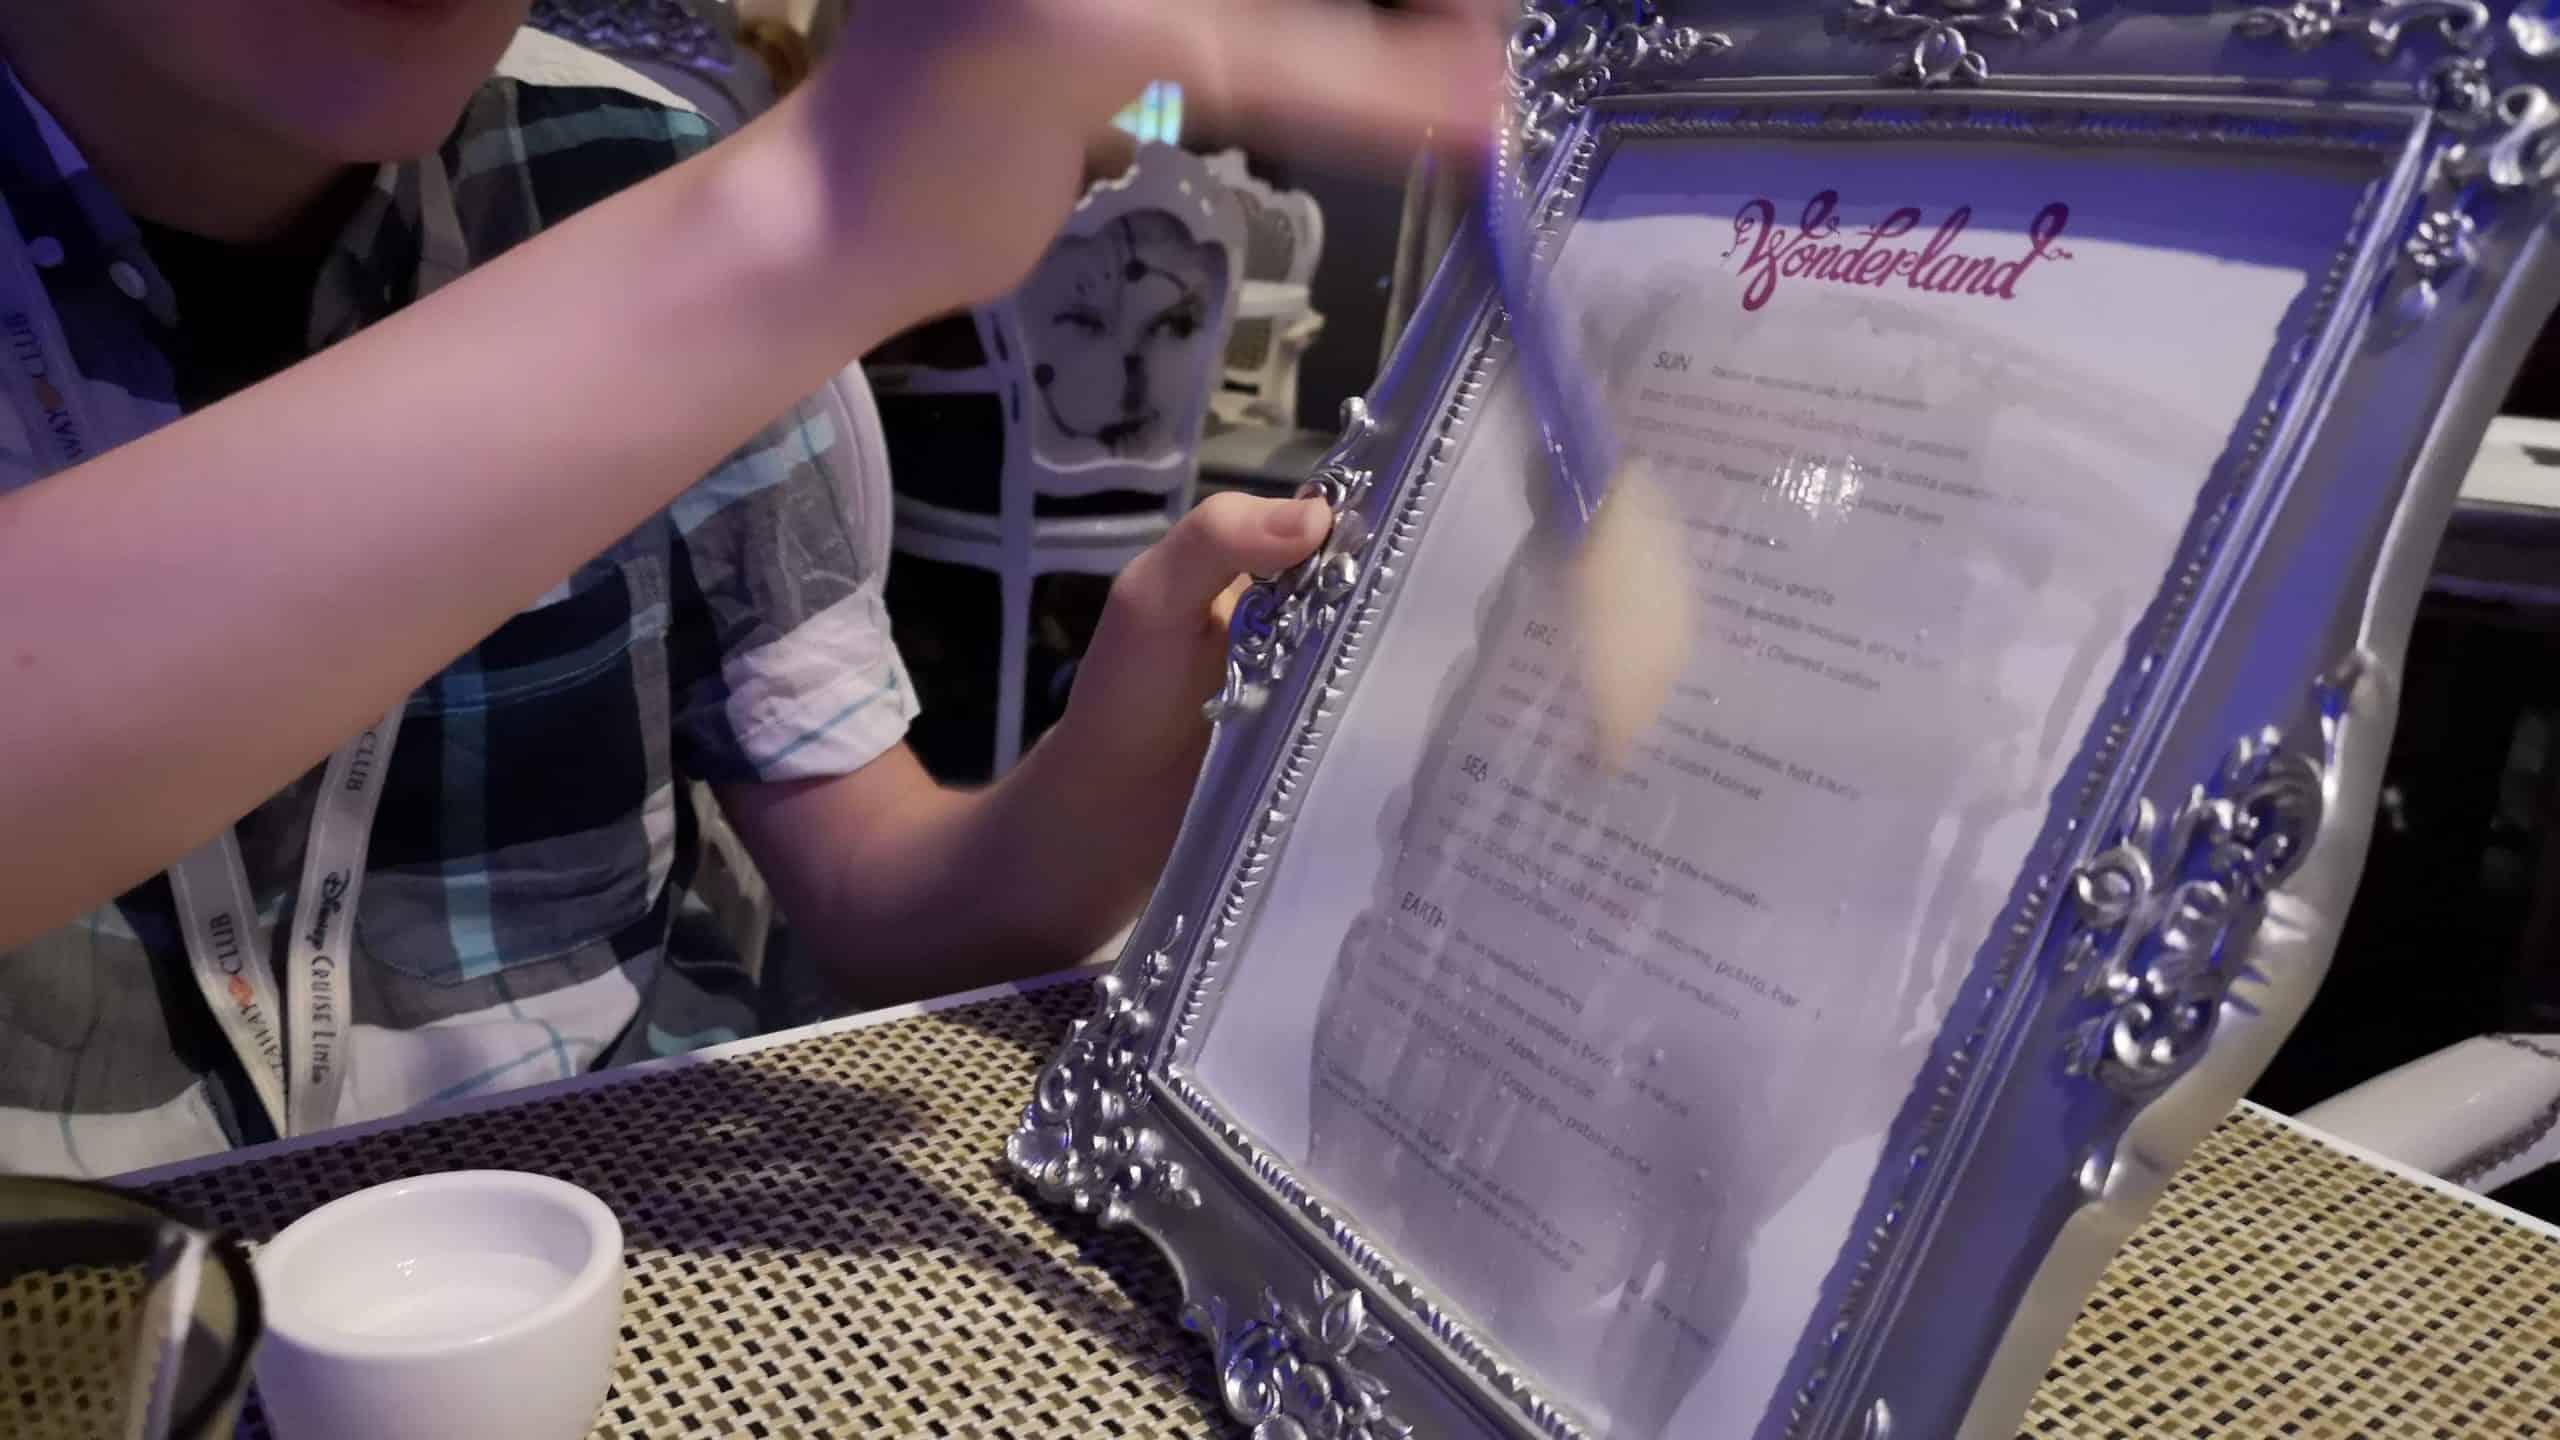 Wonderland menu being painted on